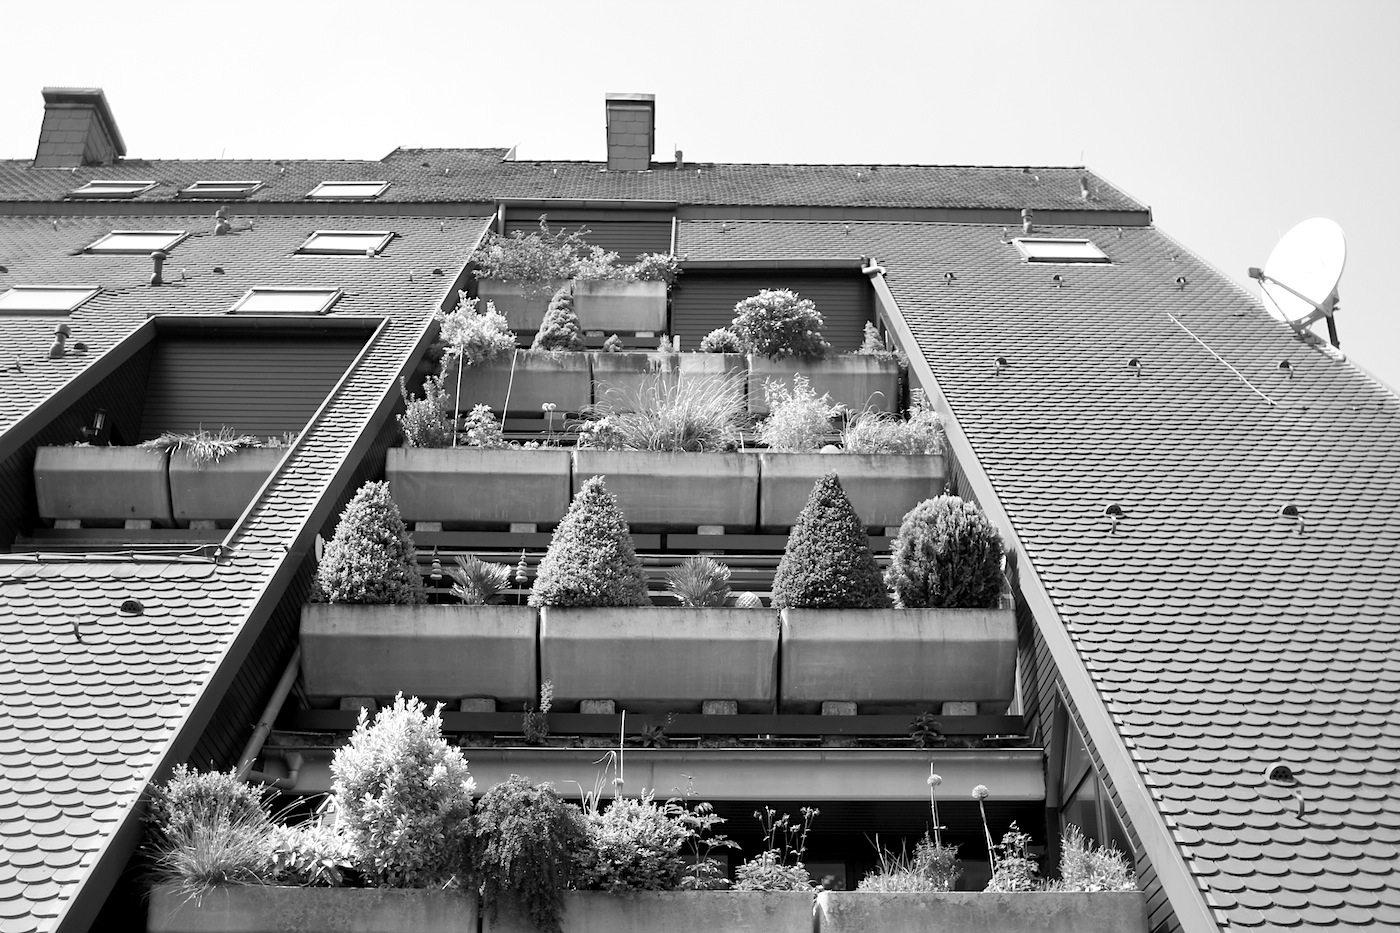 Wohnhügel. ... im zweiten Obergeschoss noch zwei Wohnungen und im dritten Obergeschoss nur noch eine Wohnung.